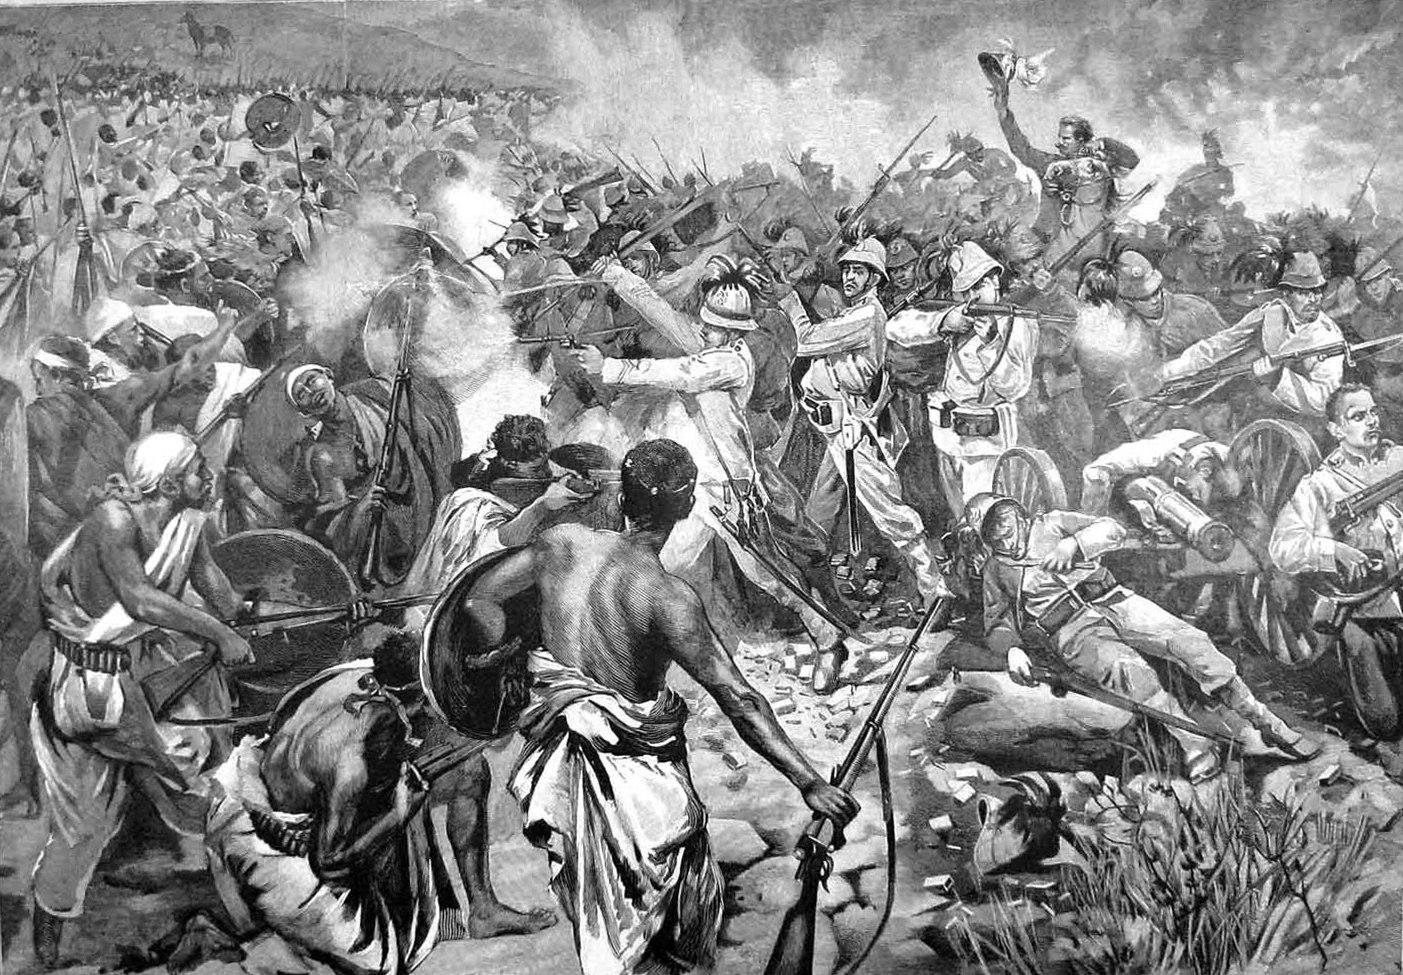 Guérilla forestière menée par les troupes Ashanti contre l'armée britannique